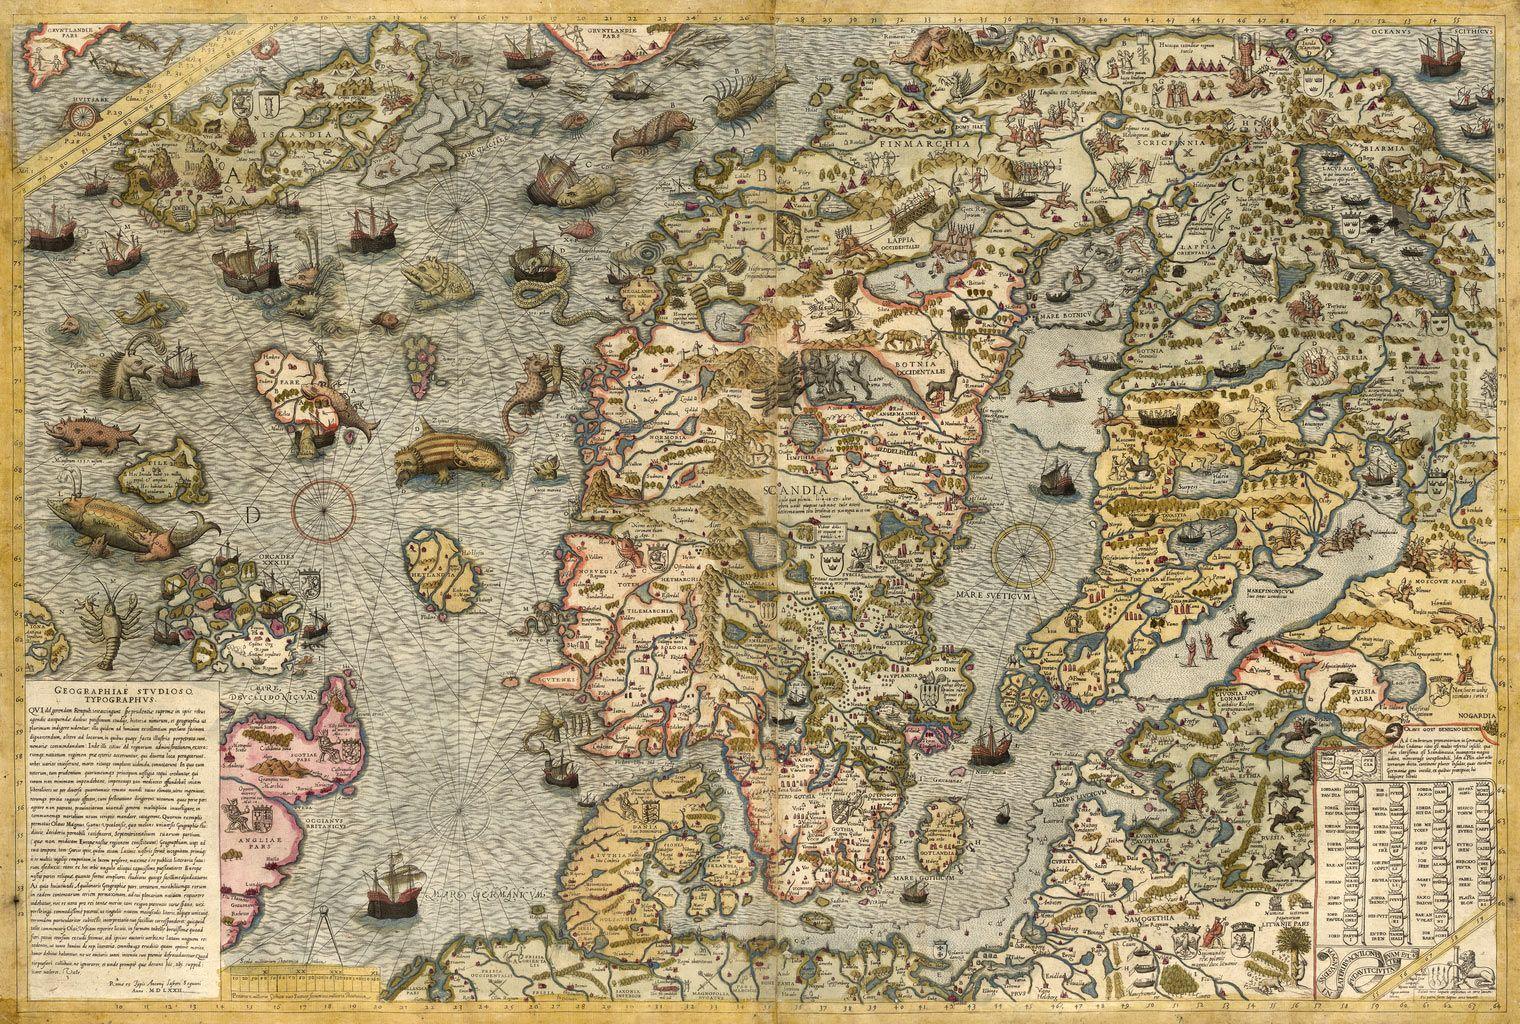 1539. Carta Marina et Descriptio Septentrionalivm